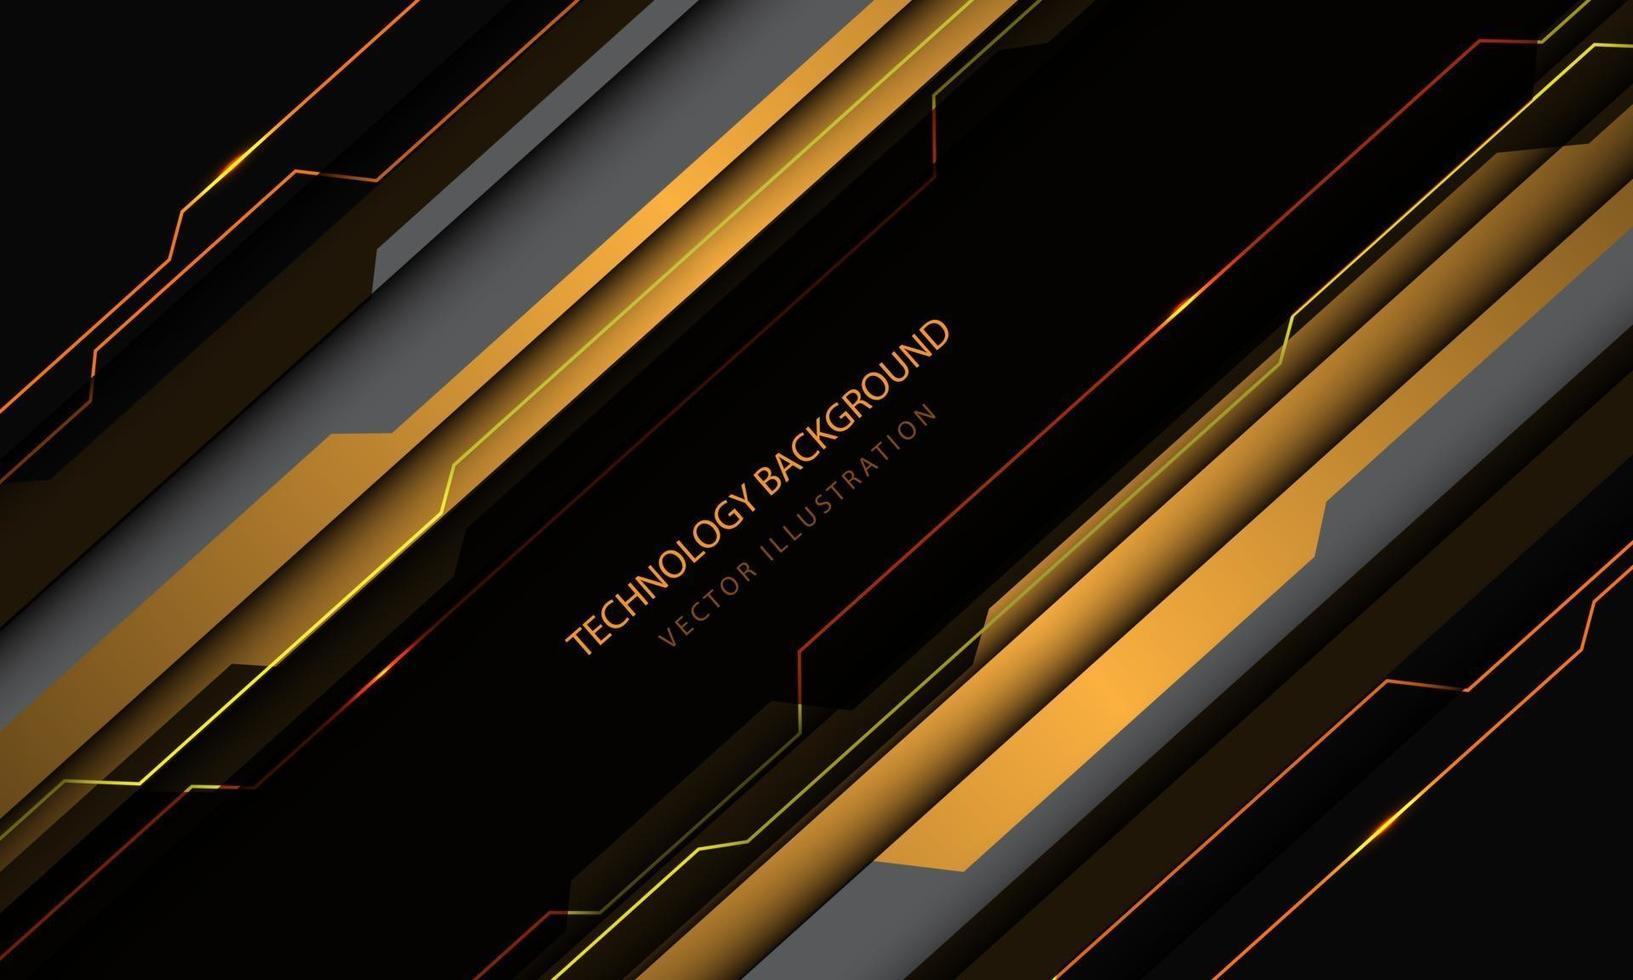 abstracte technologie cyber circuit geel grijs metalen schuine streep snelheid ontwerp moderne futuristische achtergrond vectorillustratie. vector